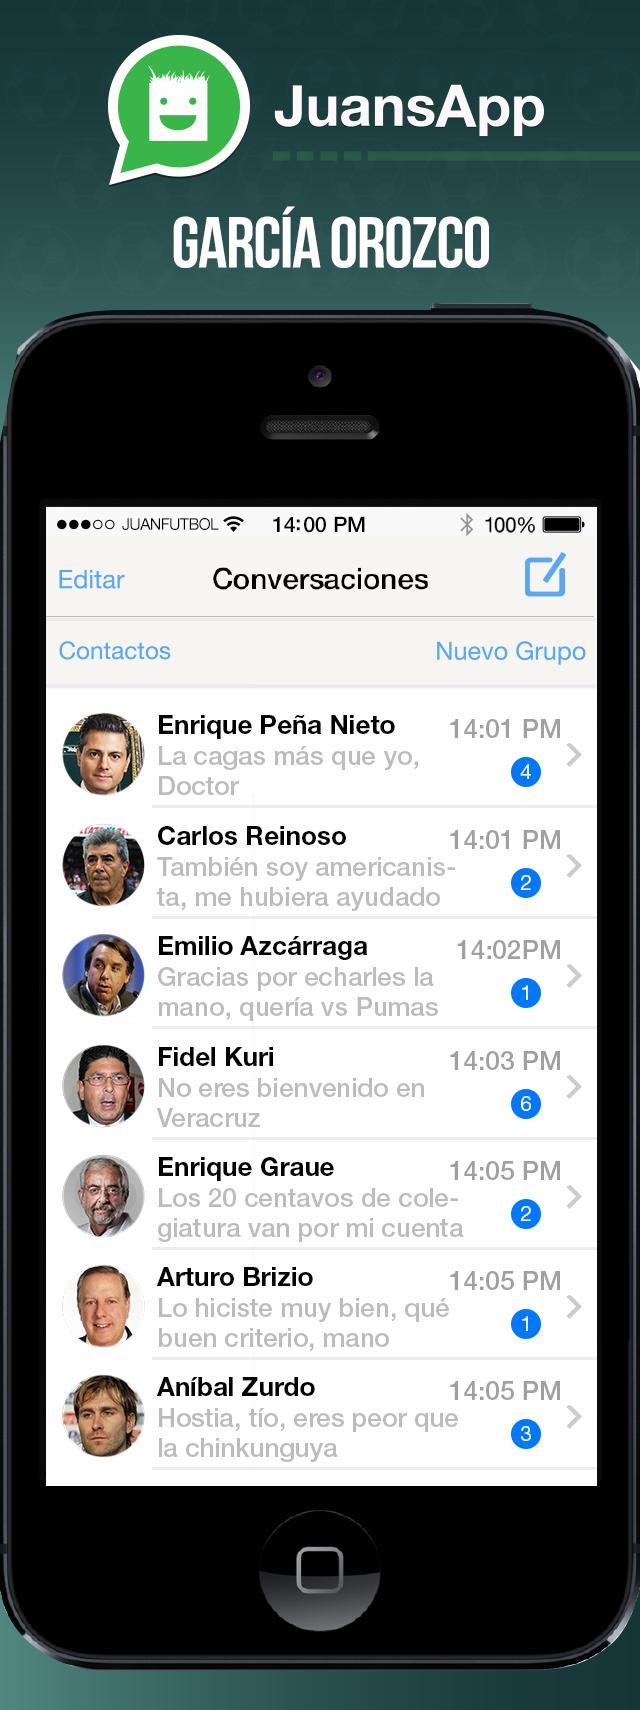 El celular de García Orozco.